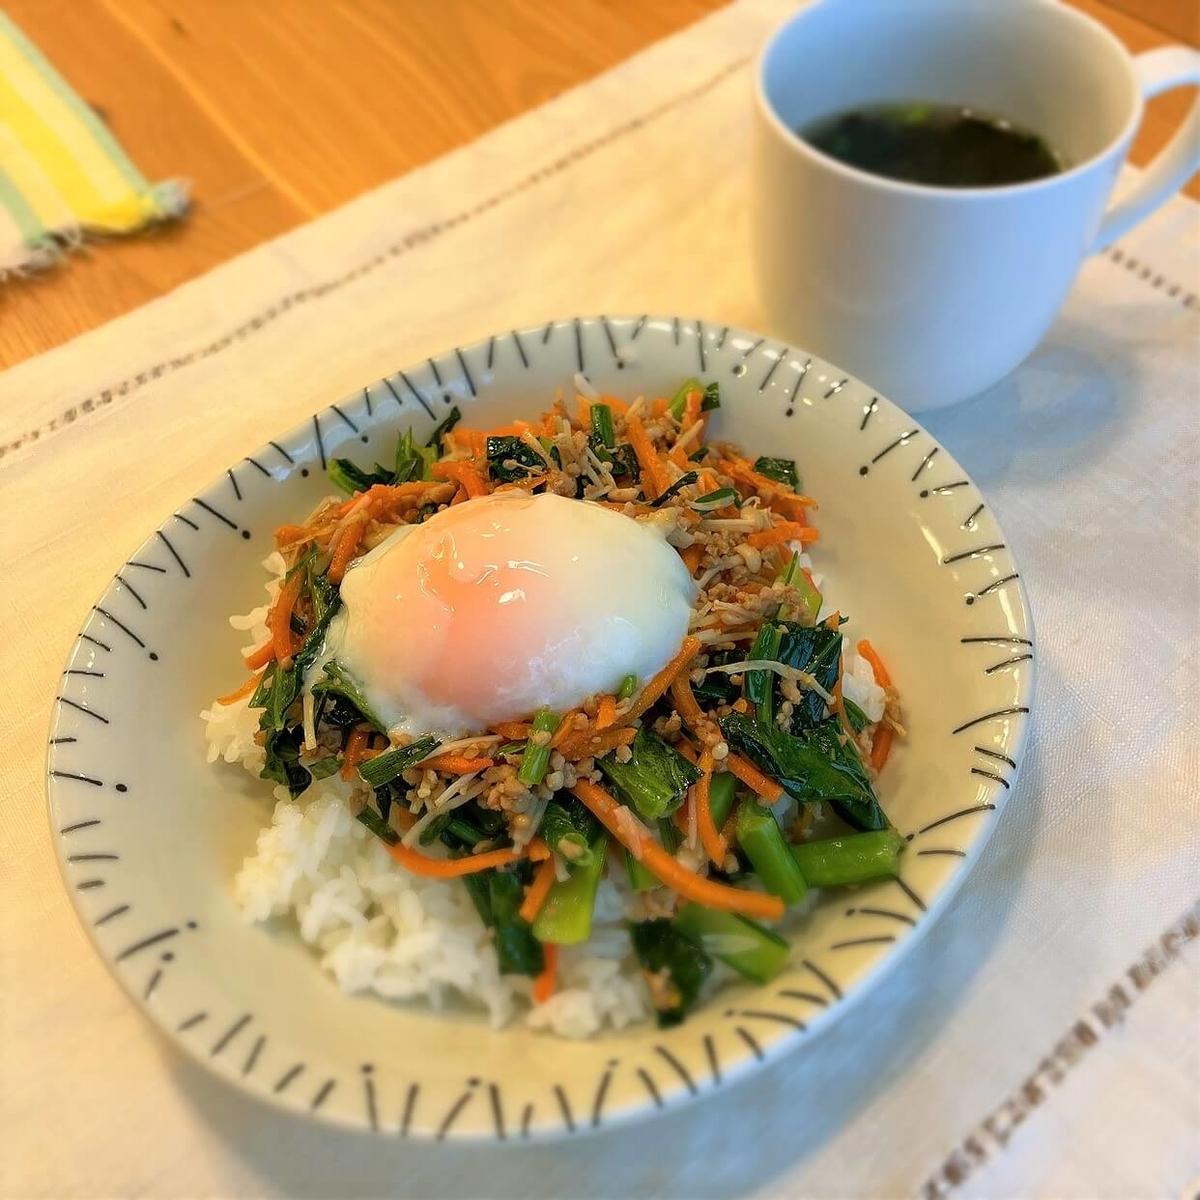 そぼろと野菜のビビンバと韓国風スープの出来上がり(大人)